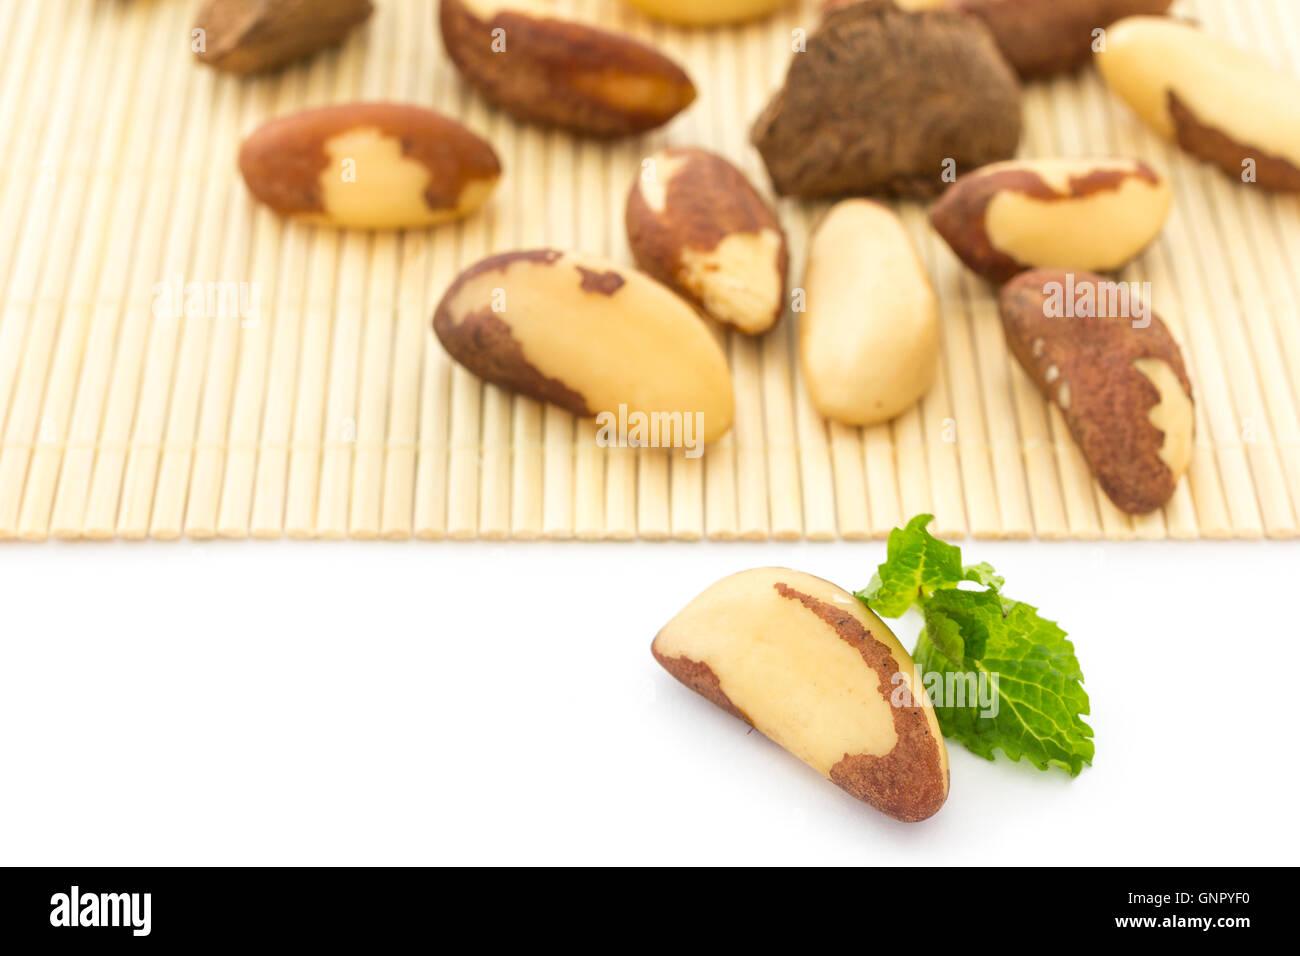 Bertholletia excelsa, connu comme les noix du Brésil. Riche source de sélénium et d'antioxydants Photo Stock